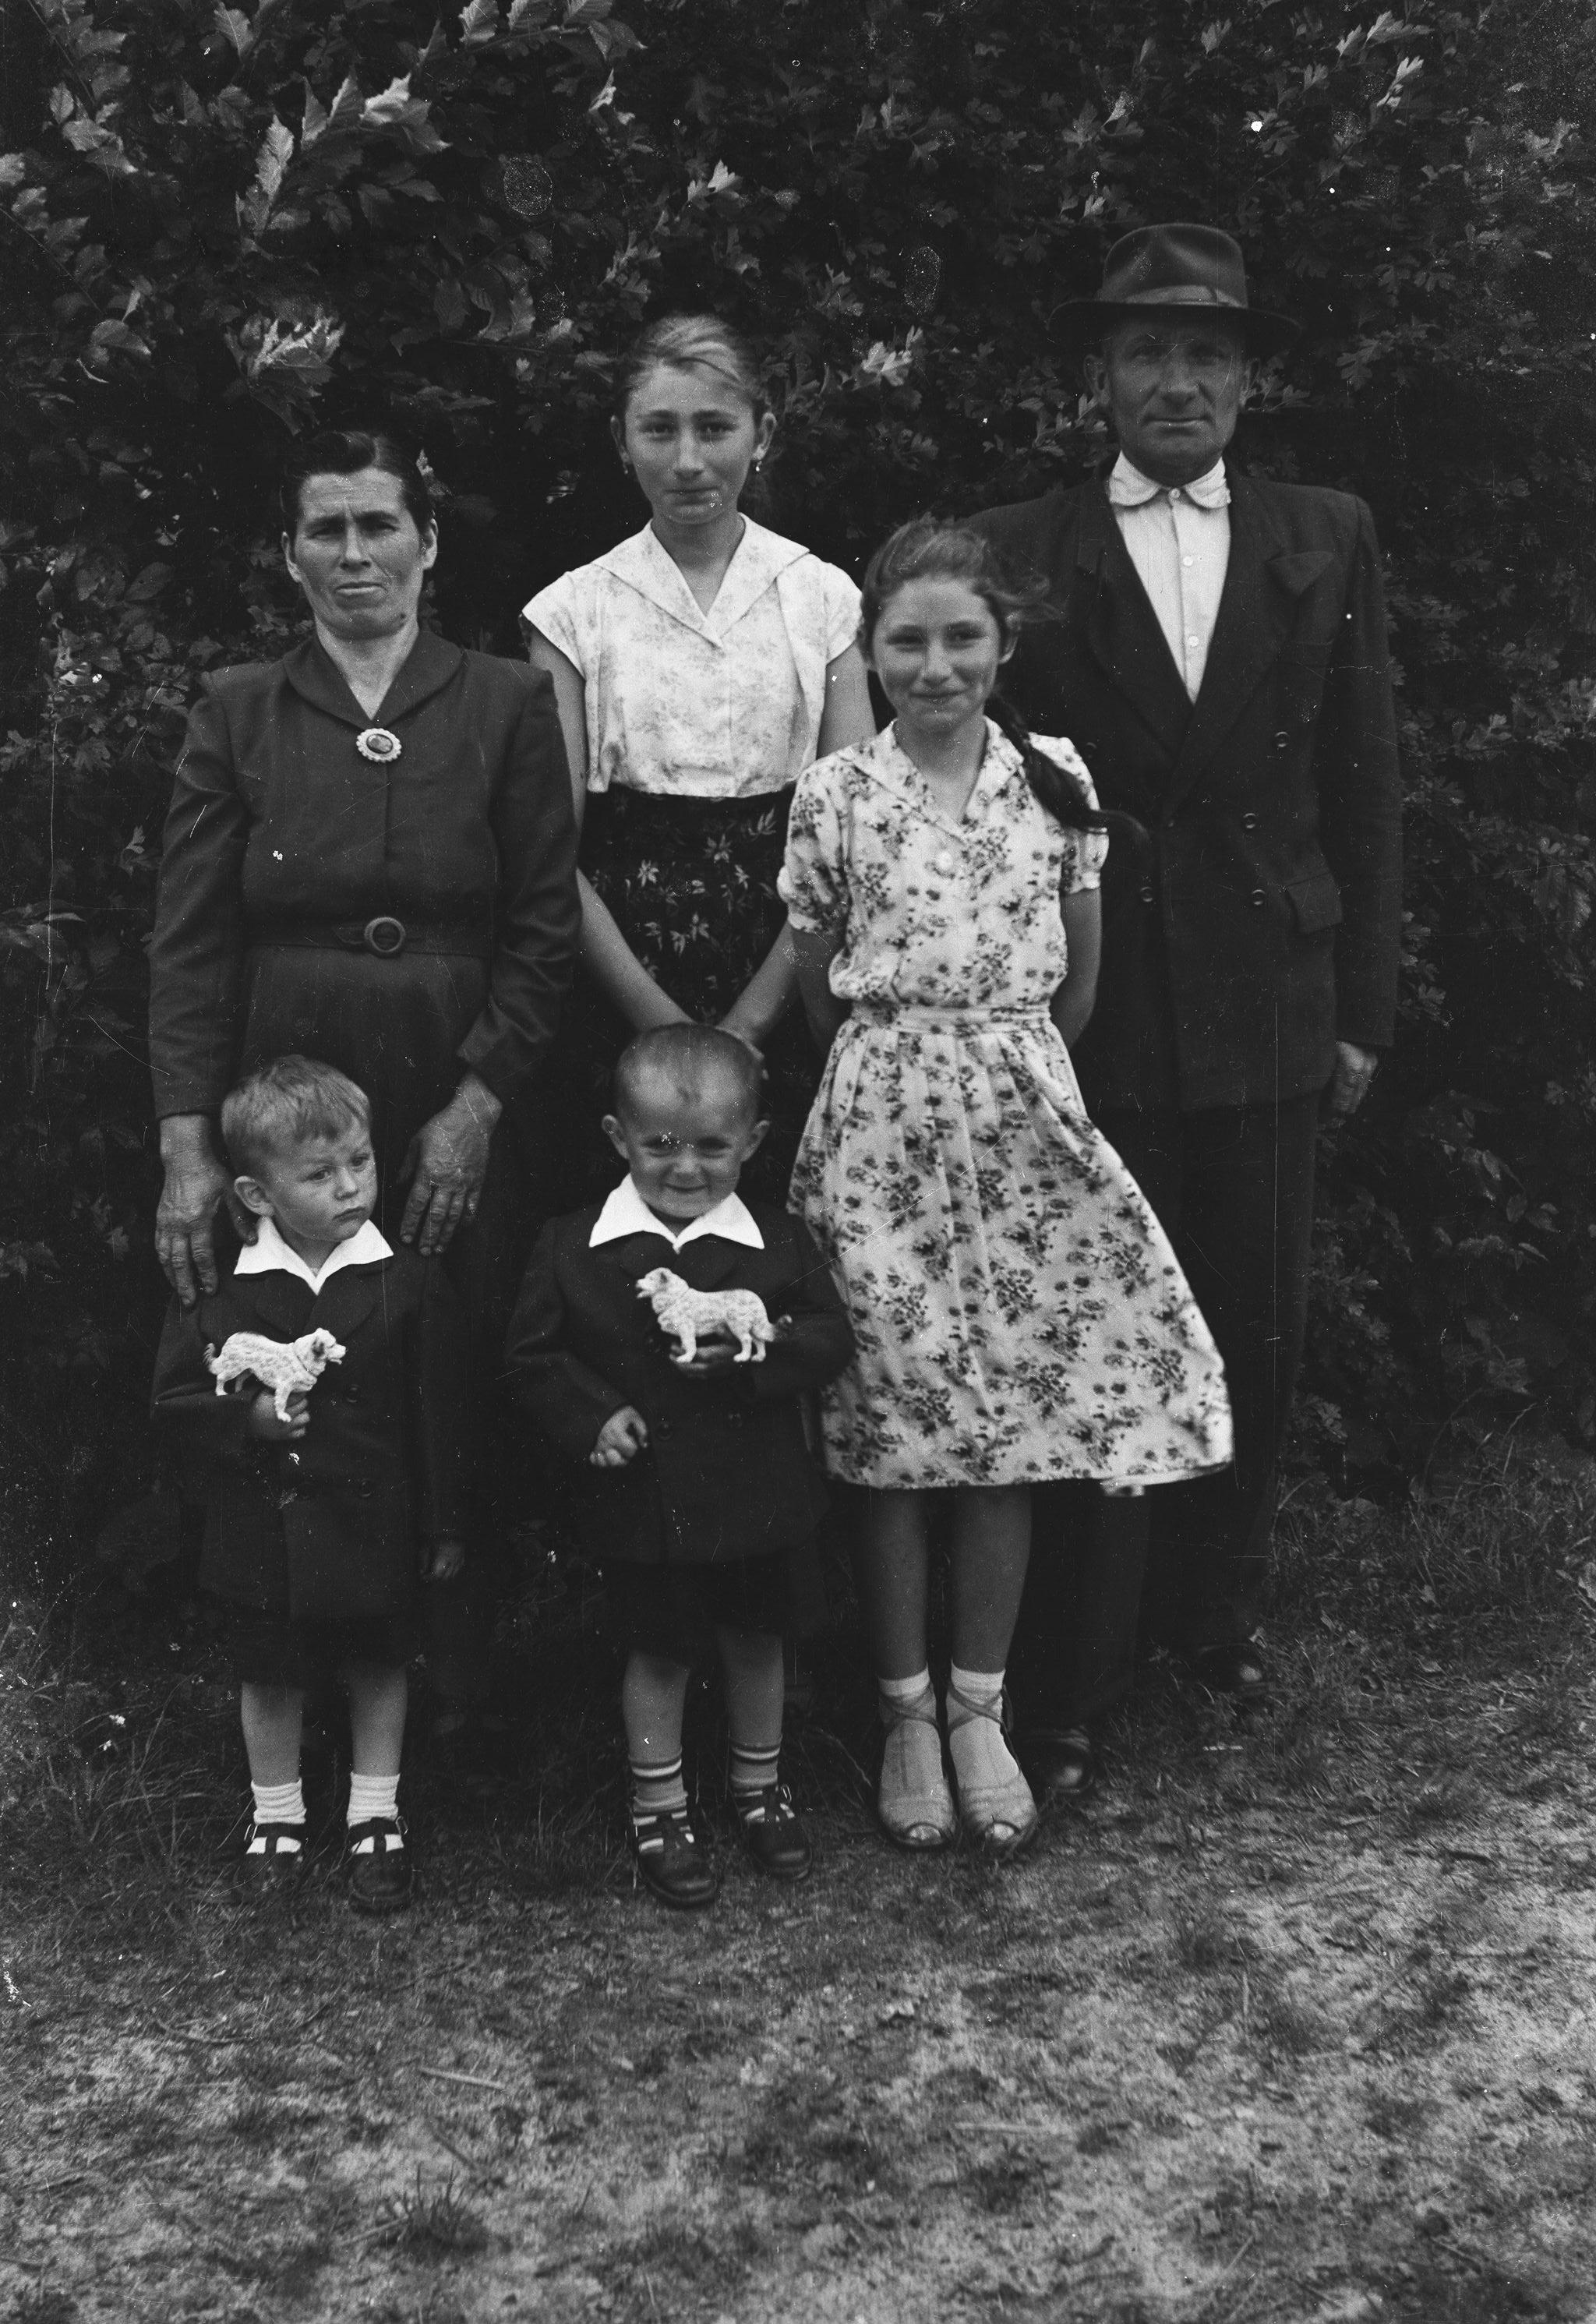 Zdjęcie rodziny Furyk na tle krzewów, Turzany, Dolny Śląsk, lata 50. XX w.